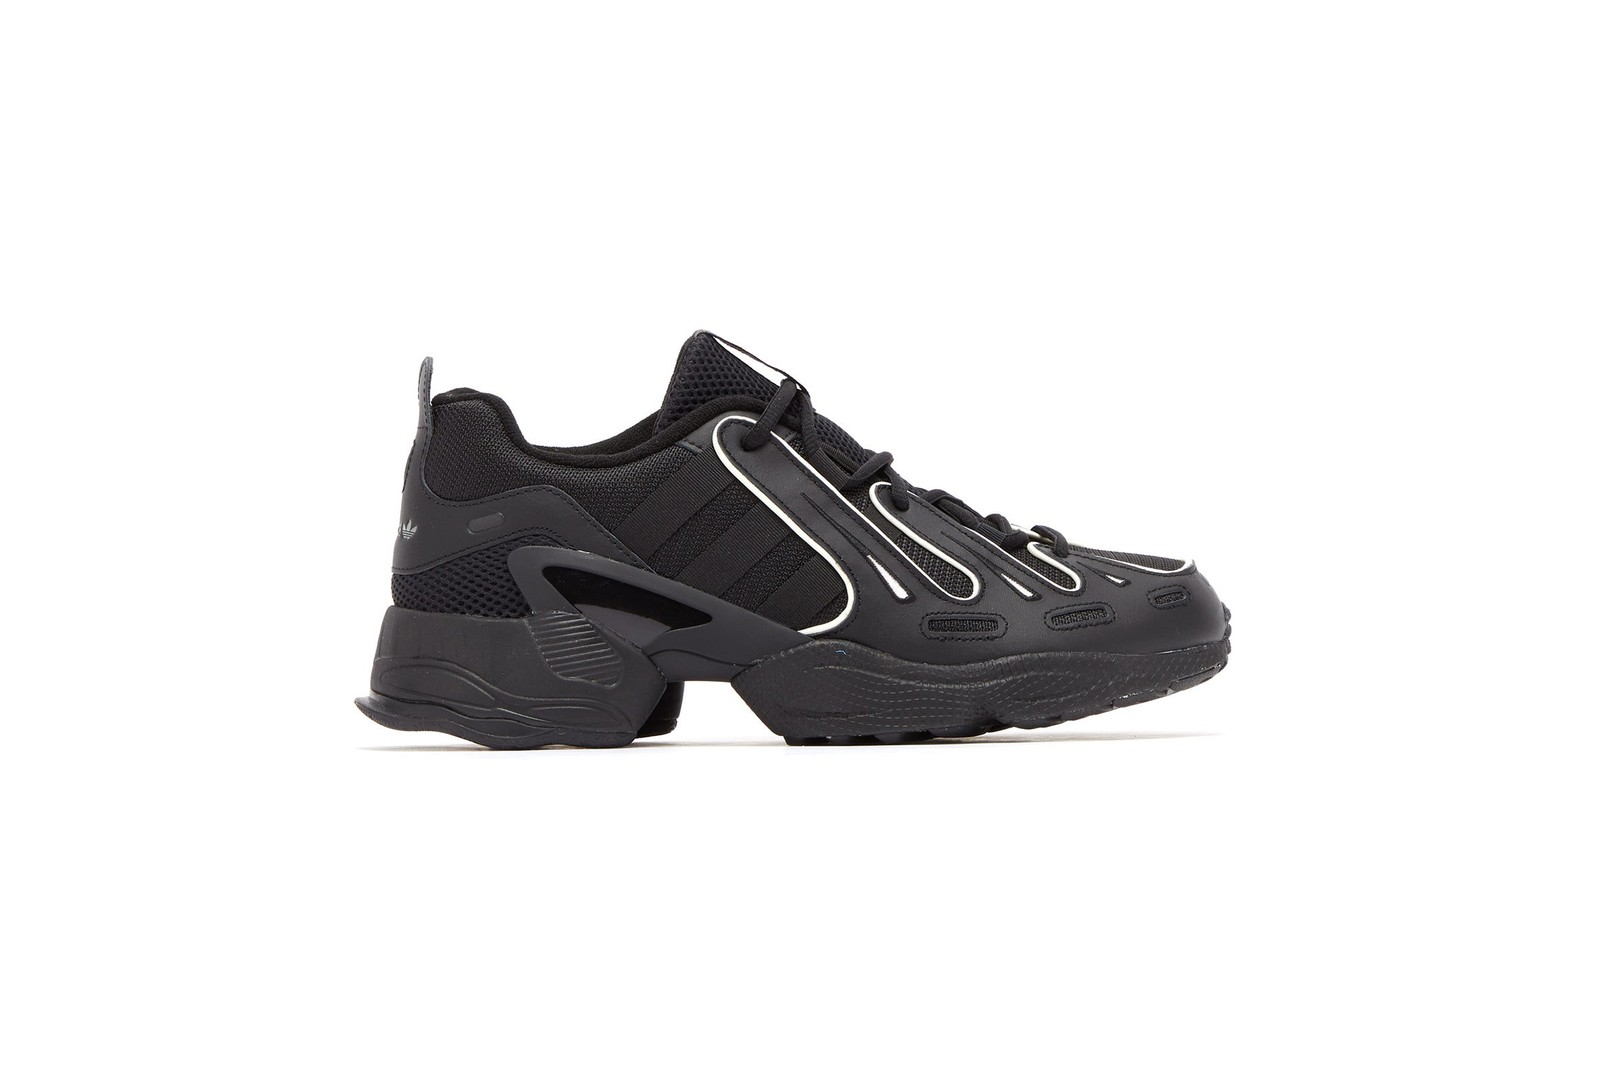 本日嚴選 10 款黑色鞋履入手推介